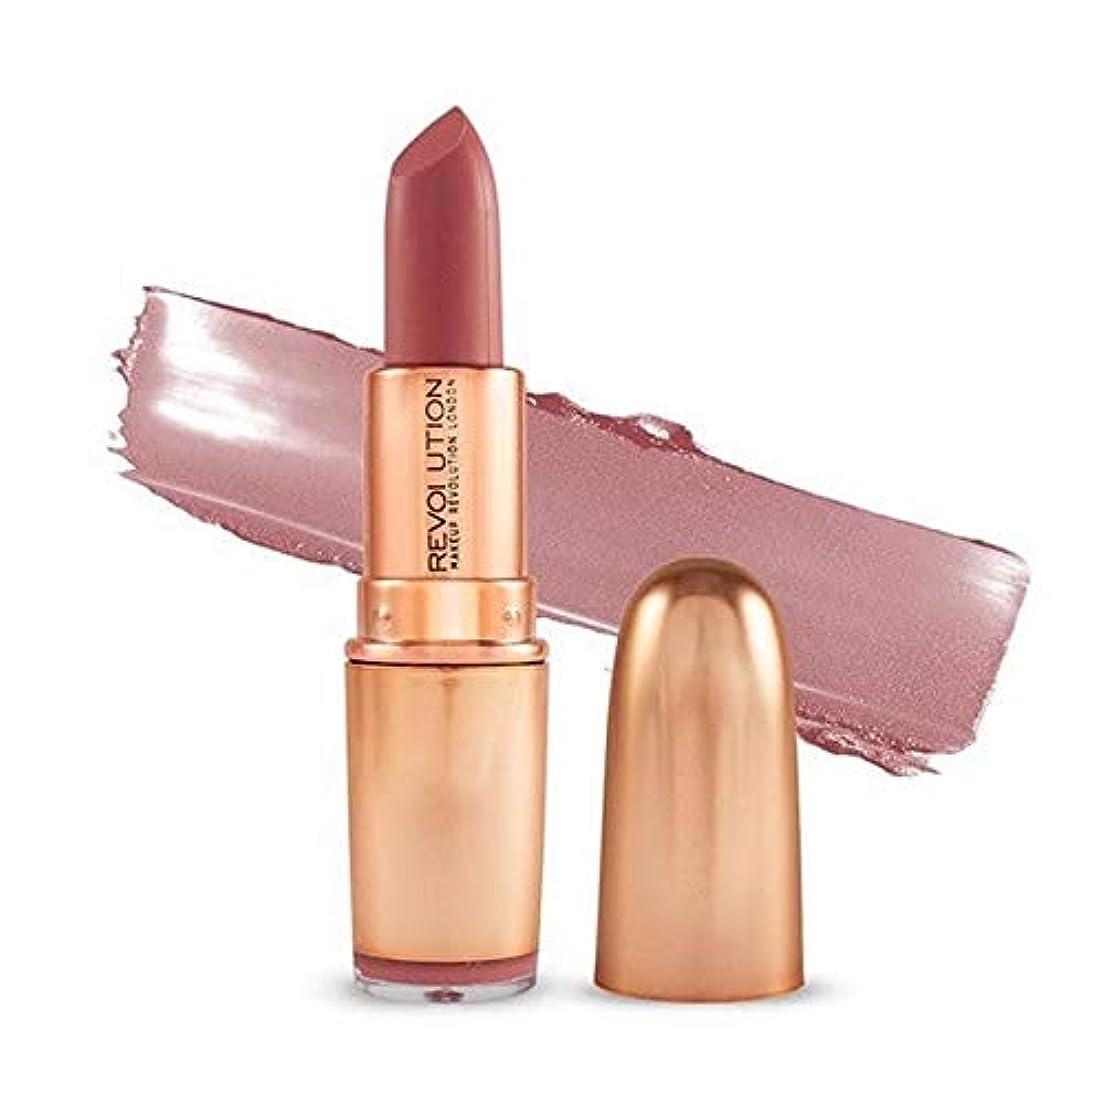 ファイアルデュアルターミナル[Revolution ] 革命の象徴的なマットヌード口紅の欲望 - Revolution Iconic Matte Nude Lipstick Lust [並行輸入品]